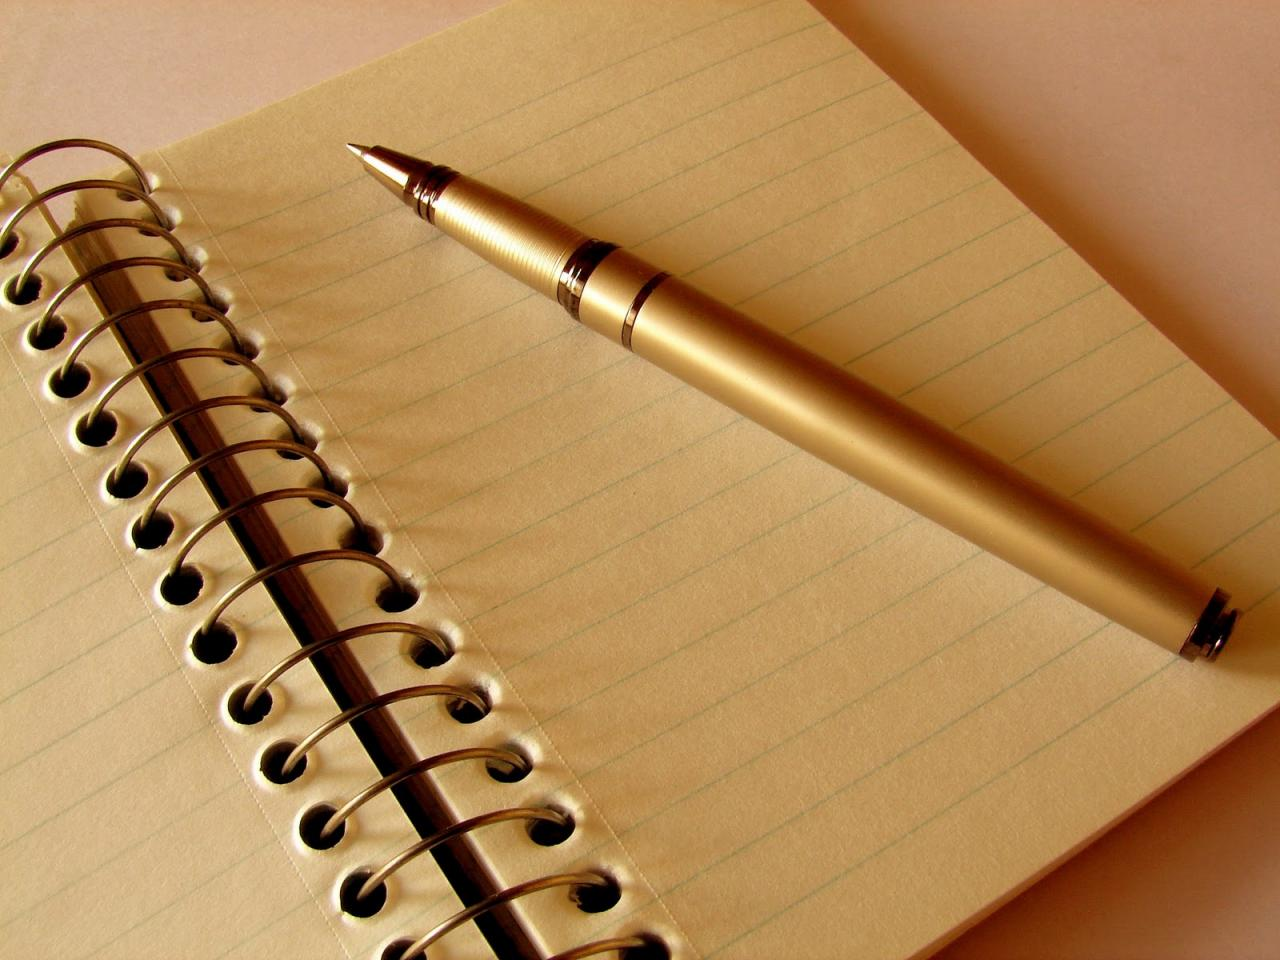 صورة صور قلم يكتب , شاهد صور قلم يكتب على ورق